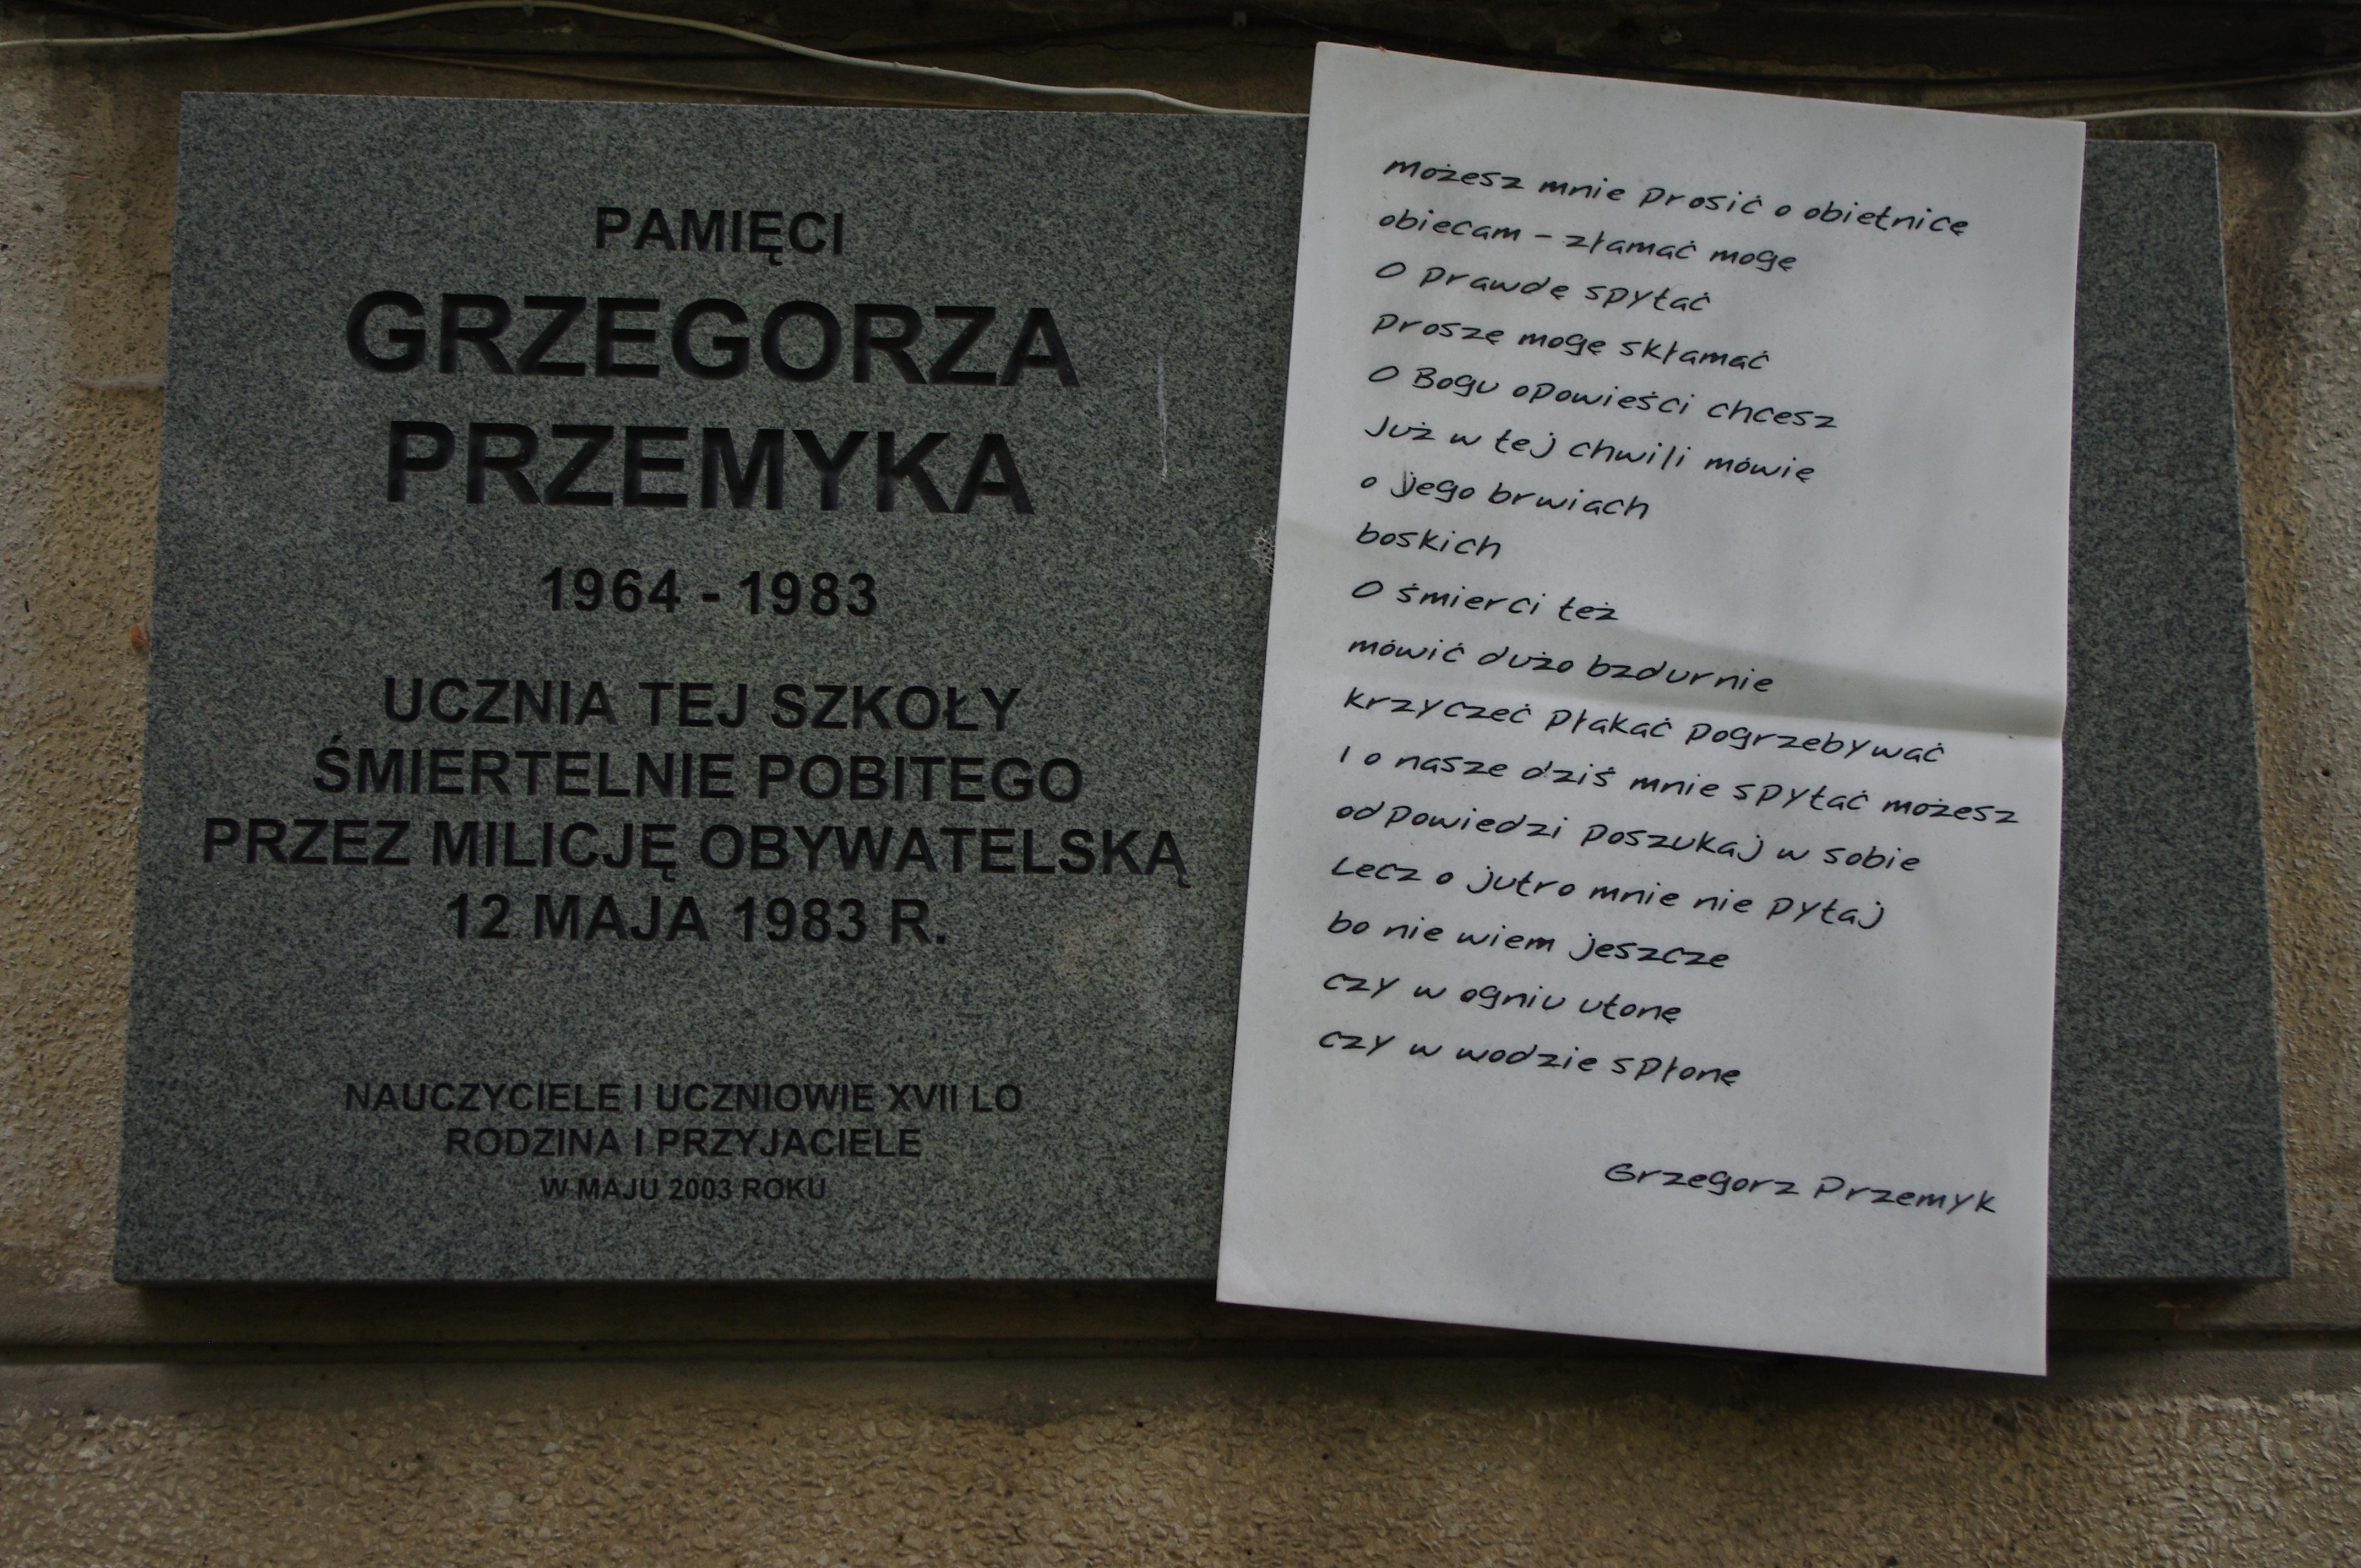 Filetablica Upamiętniająca Grzegorza Przemyka Na Budynku